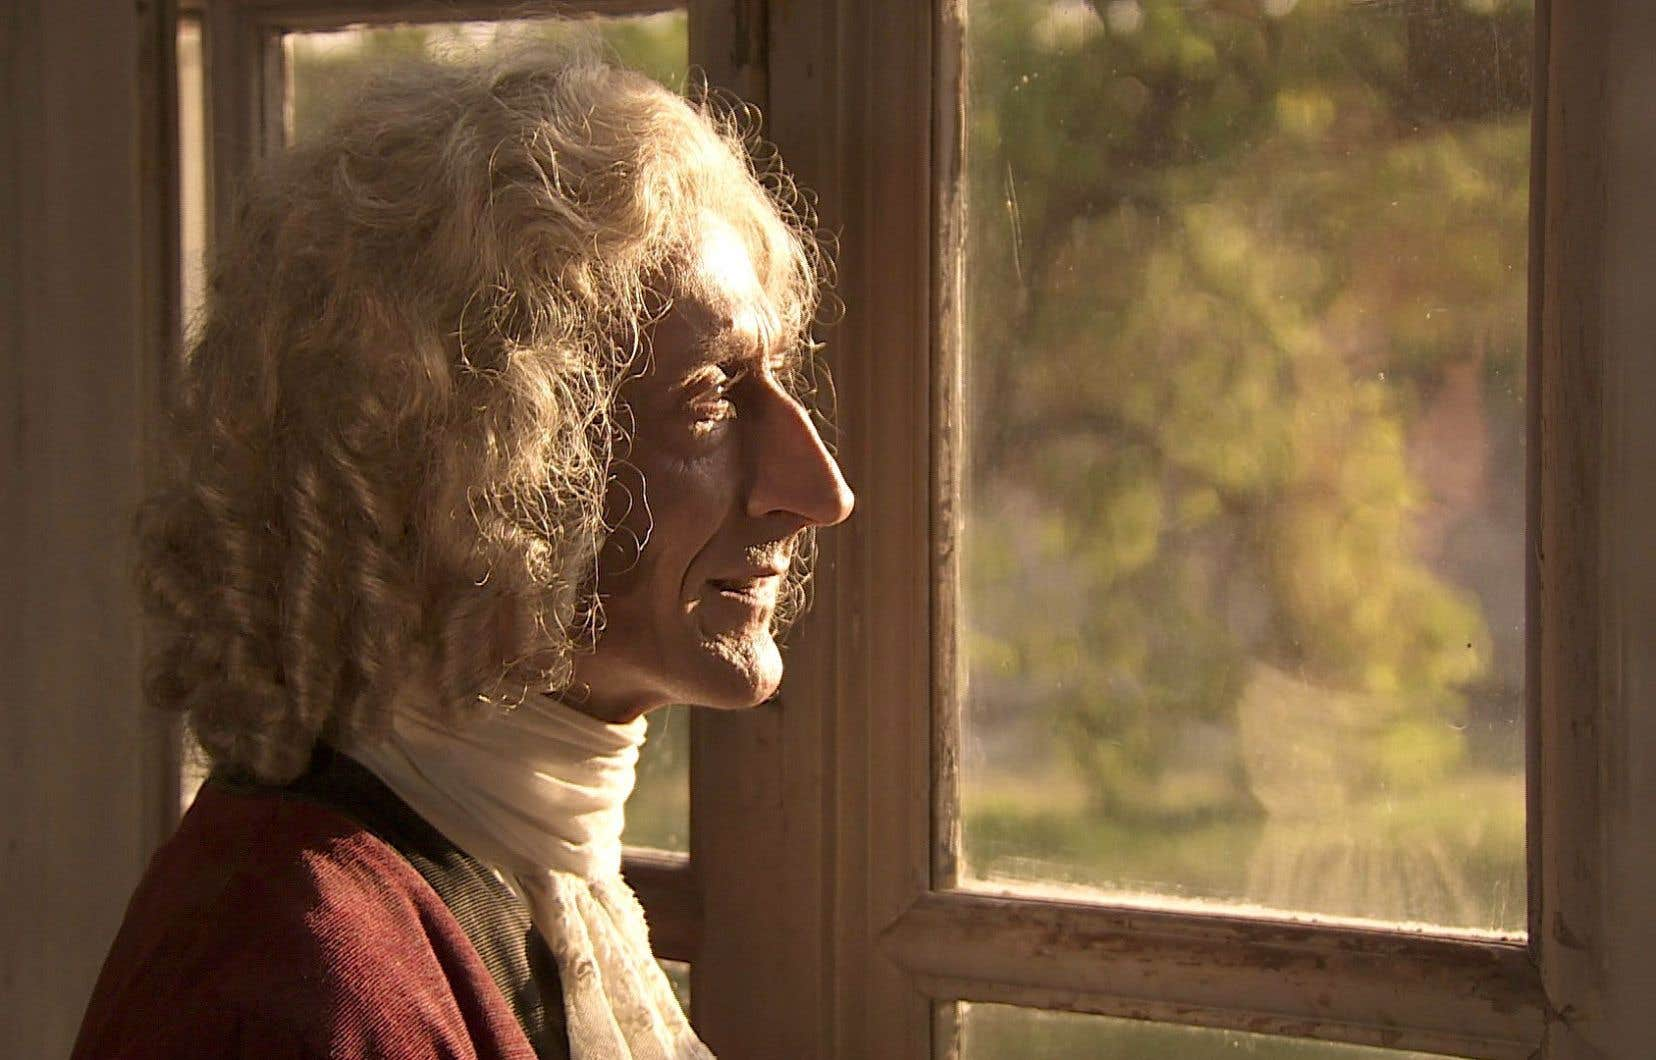 Le documentaire que l'on recommandera très chaudement est Rameau, l'incompris magnifique.